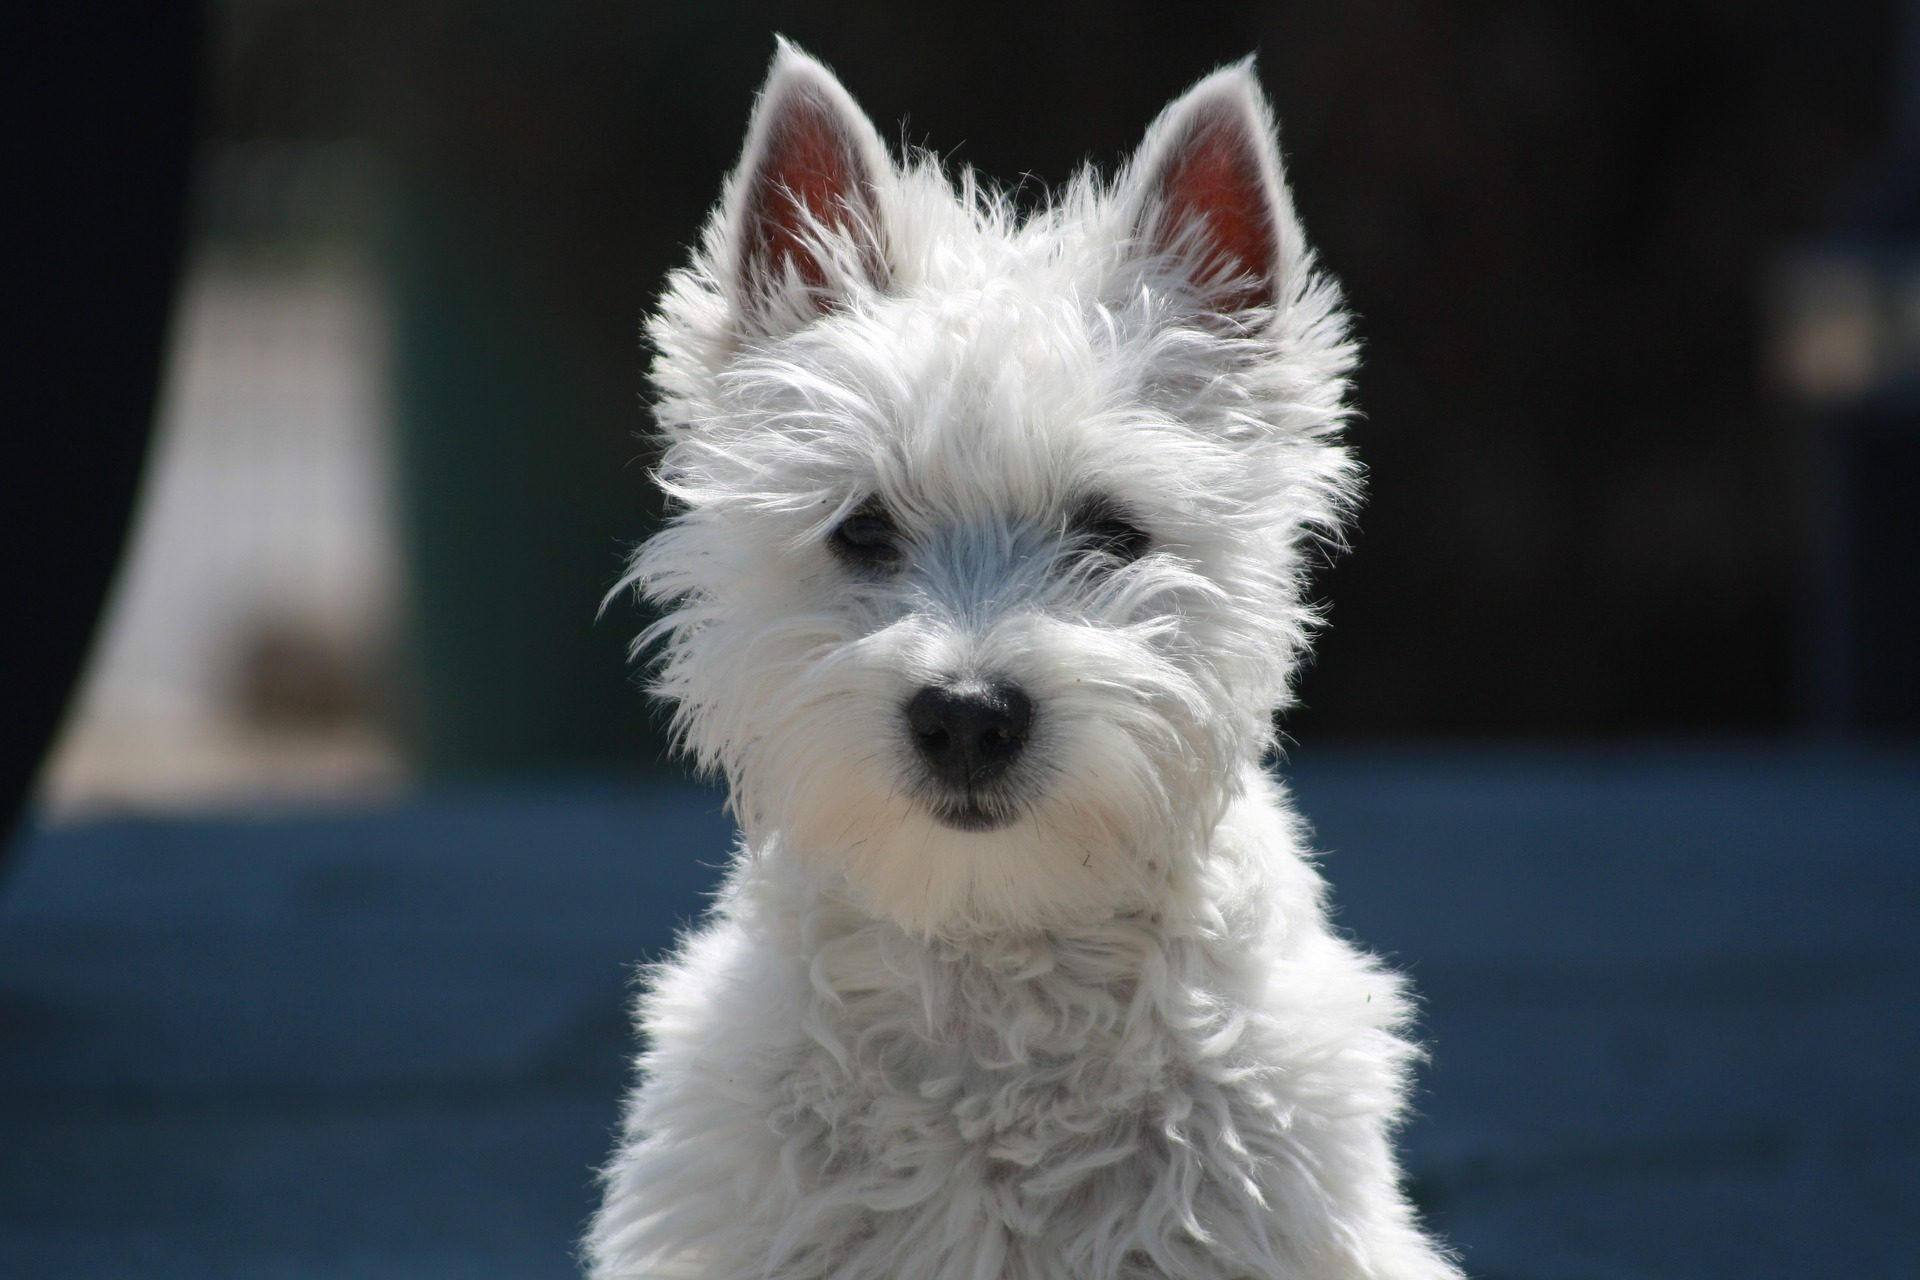 小猎犬, 狗, 宠物, 软, 毛皮 - 高清壁纸 - 教授-falken.com